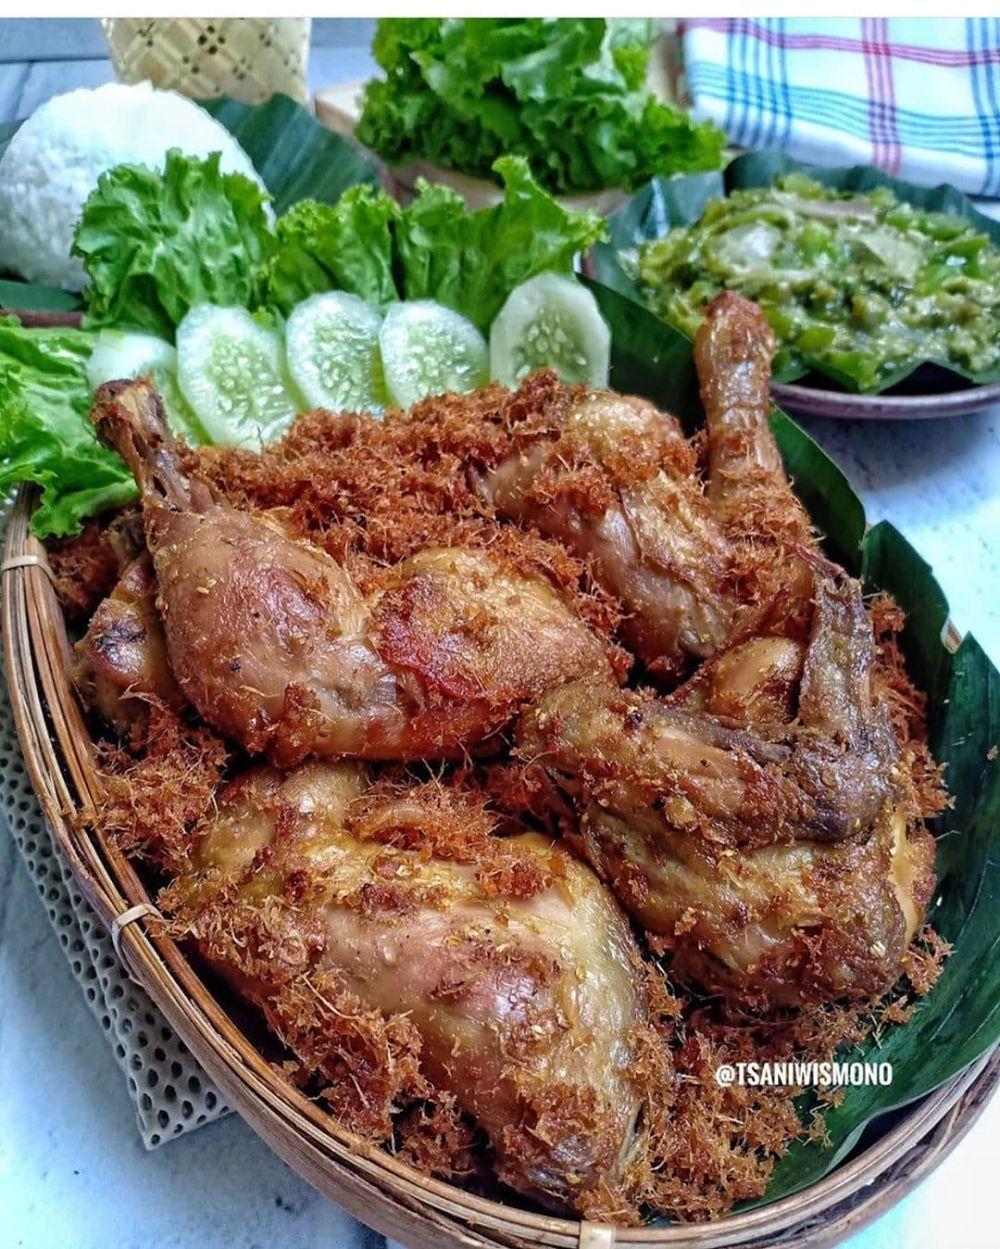 Resep Ayam Goreng Bumbu Lengkuas Resep Masakan Ayam Ayam Goreng Resep Ayam Resep